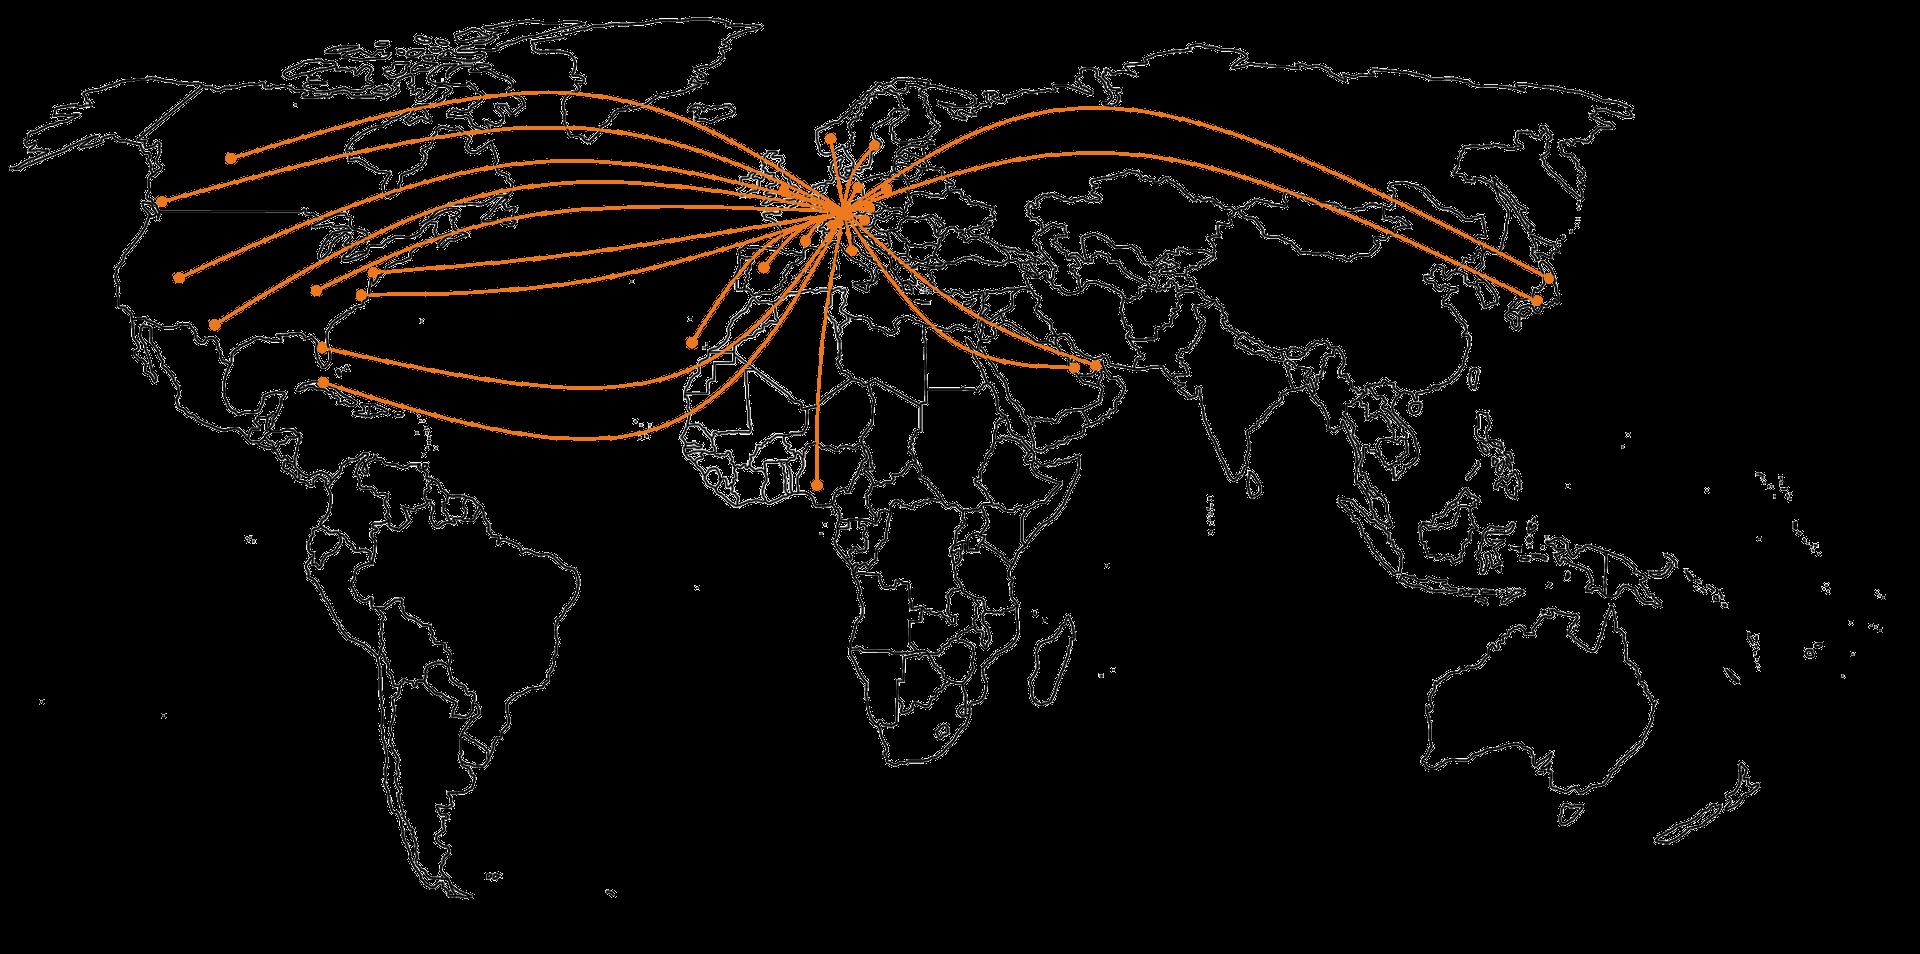 Das BW Ingenieurbüro für Statik, Dynamik und Fliegende Bauten ist weltweit vernetzt.